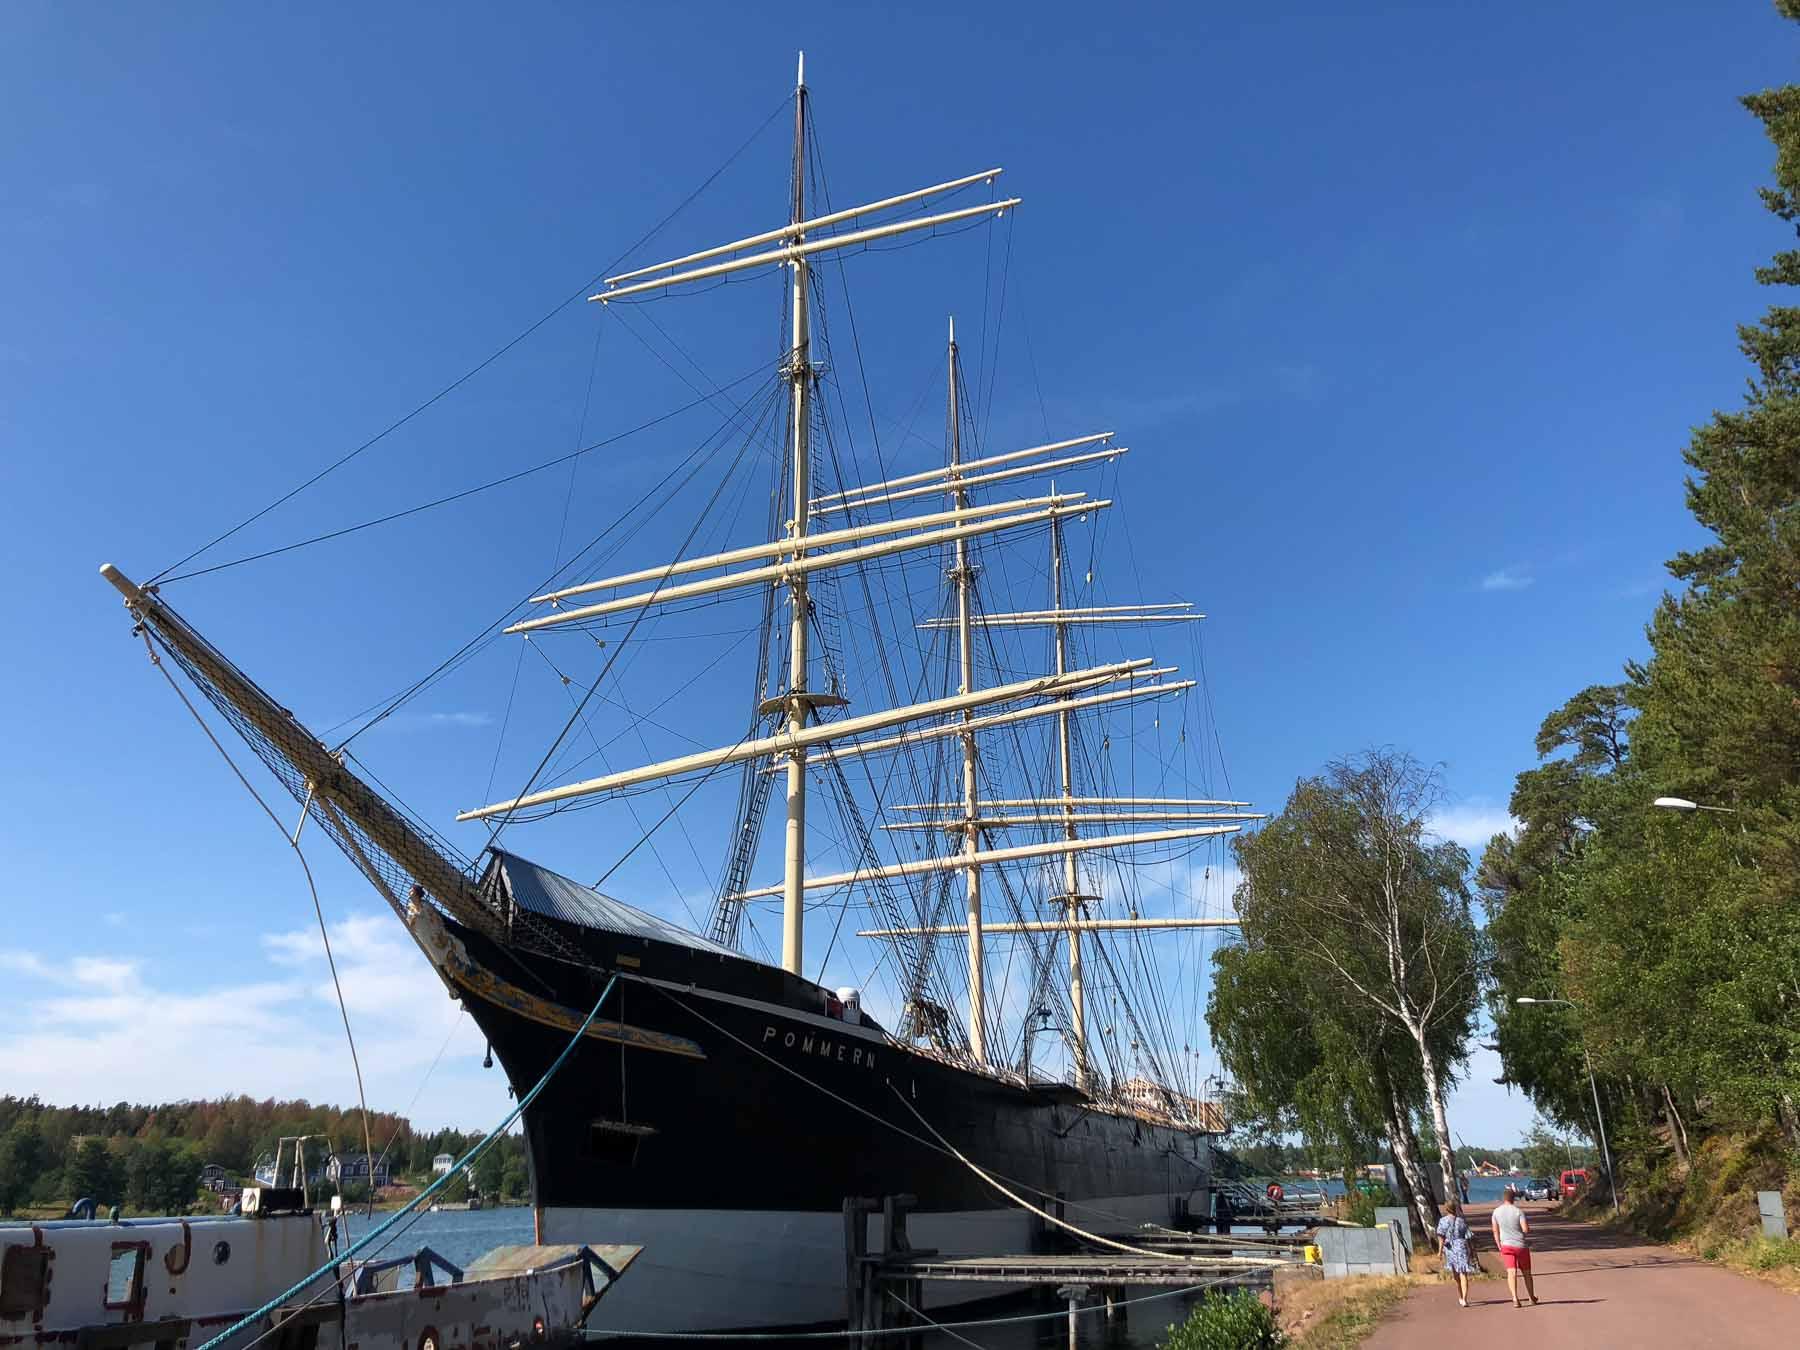 """Die Viermastbark """"Pommern"""" wurde 1903 gebaut. Heute liegt sie als Museumsschiff in Mariehamn"""